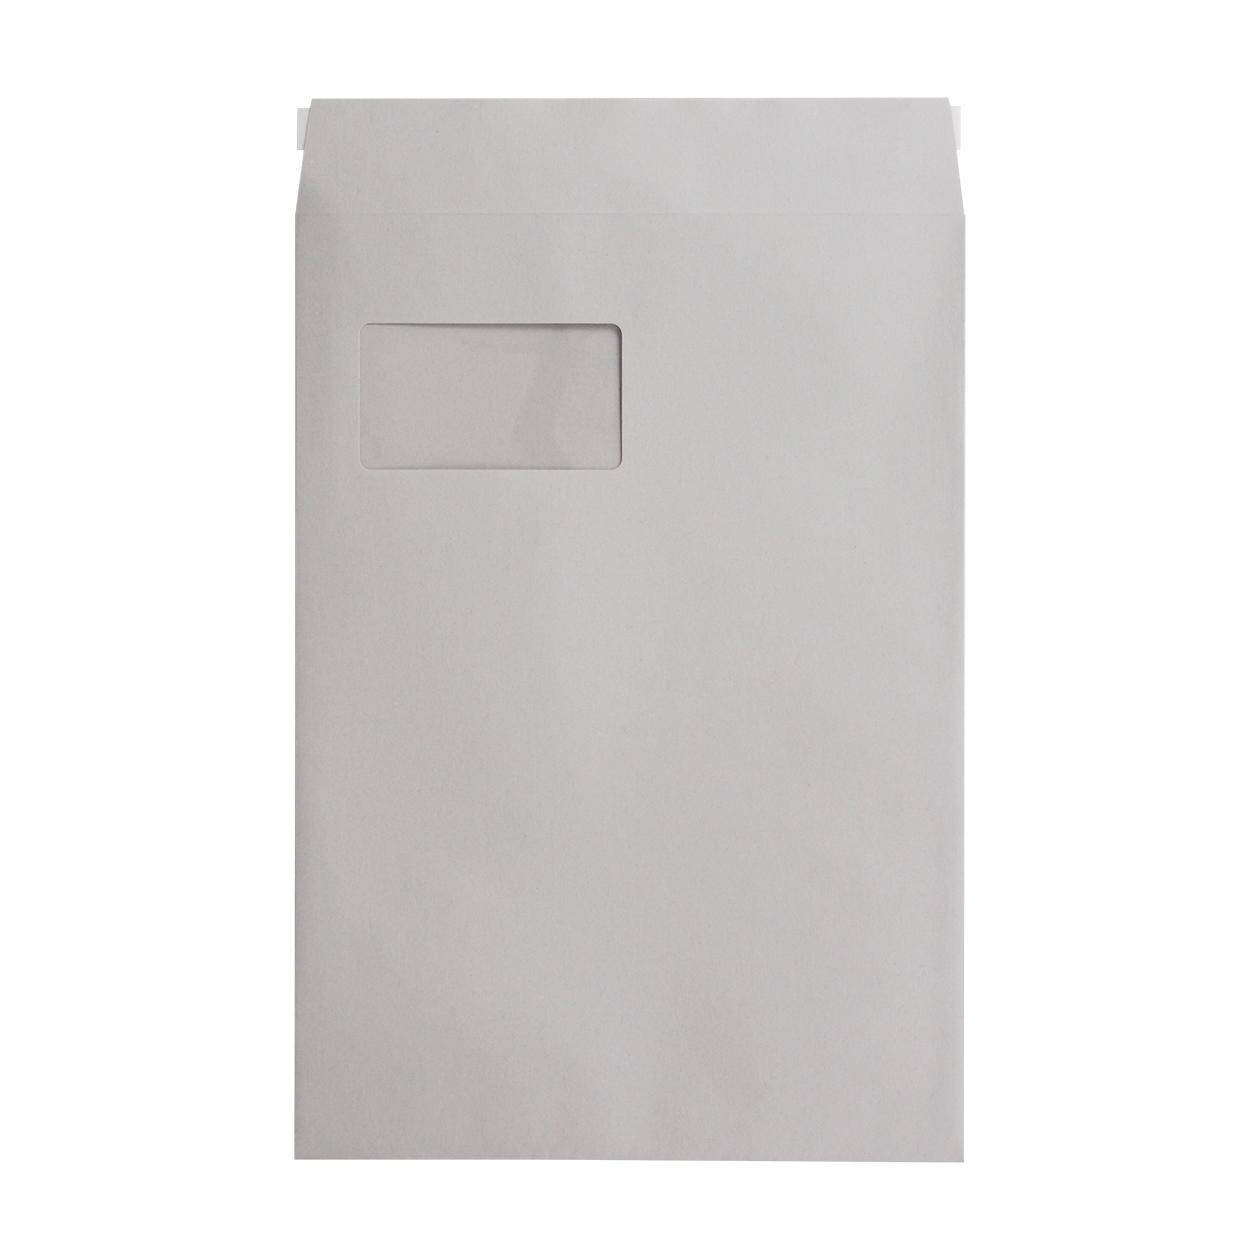 角20窓封筒 HAGURUMA Basic ライナーグレイ 100g テープ有